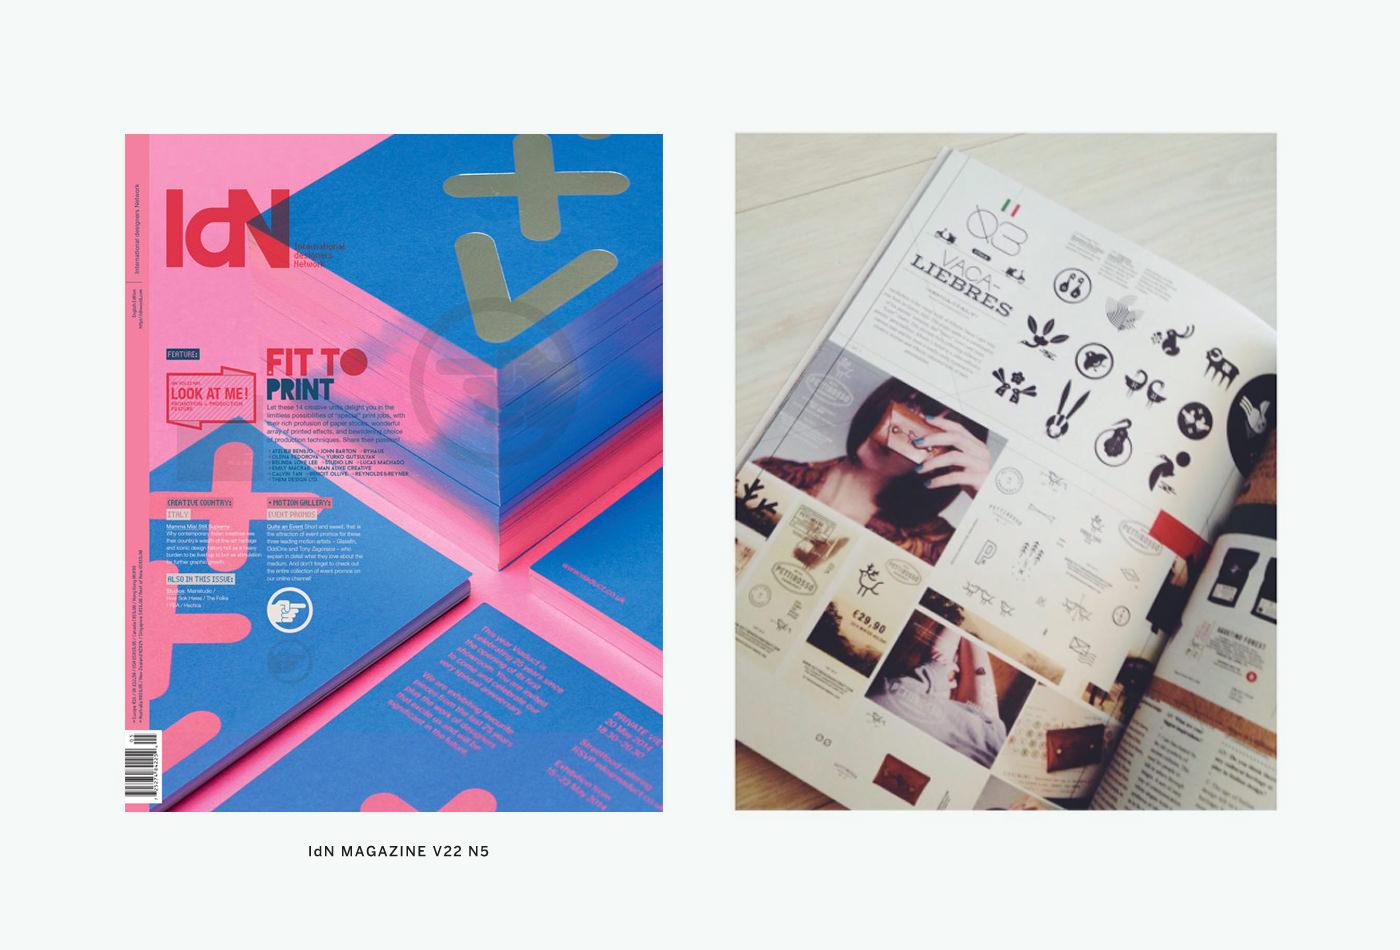 idn-magazine-vol22n5-vacaliebres,idnworld